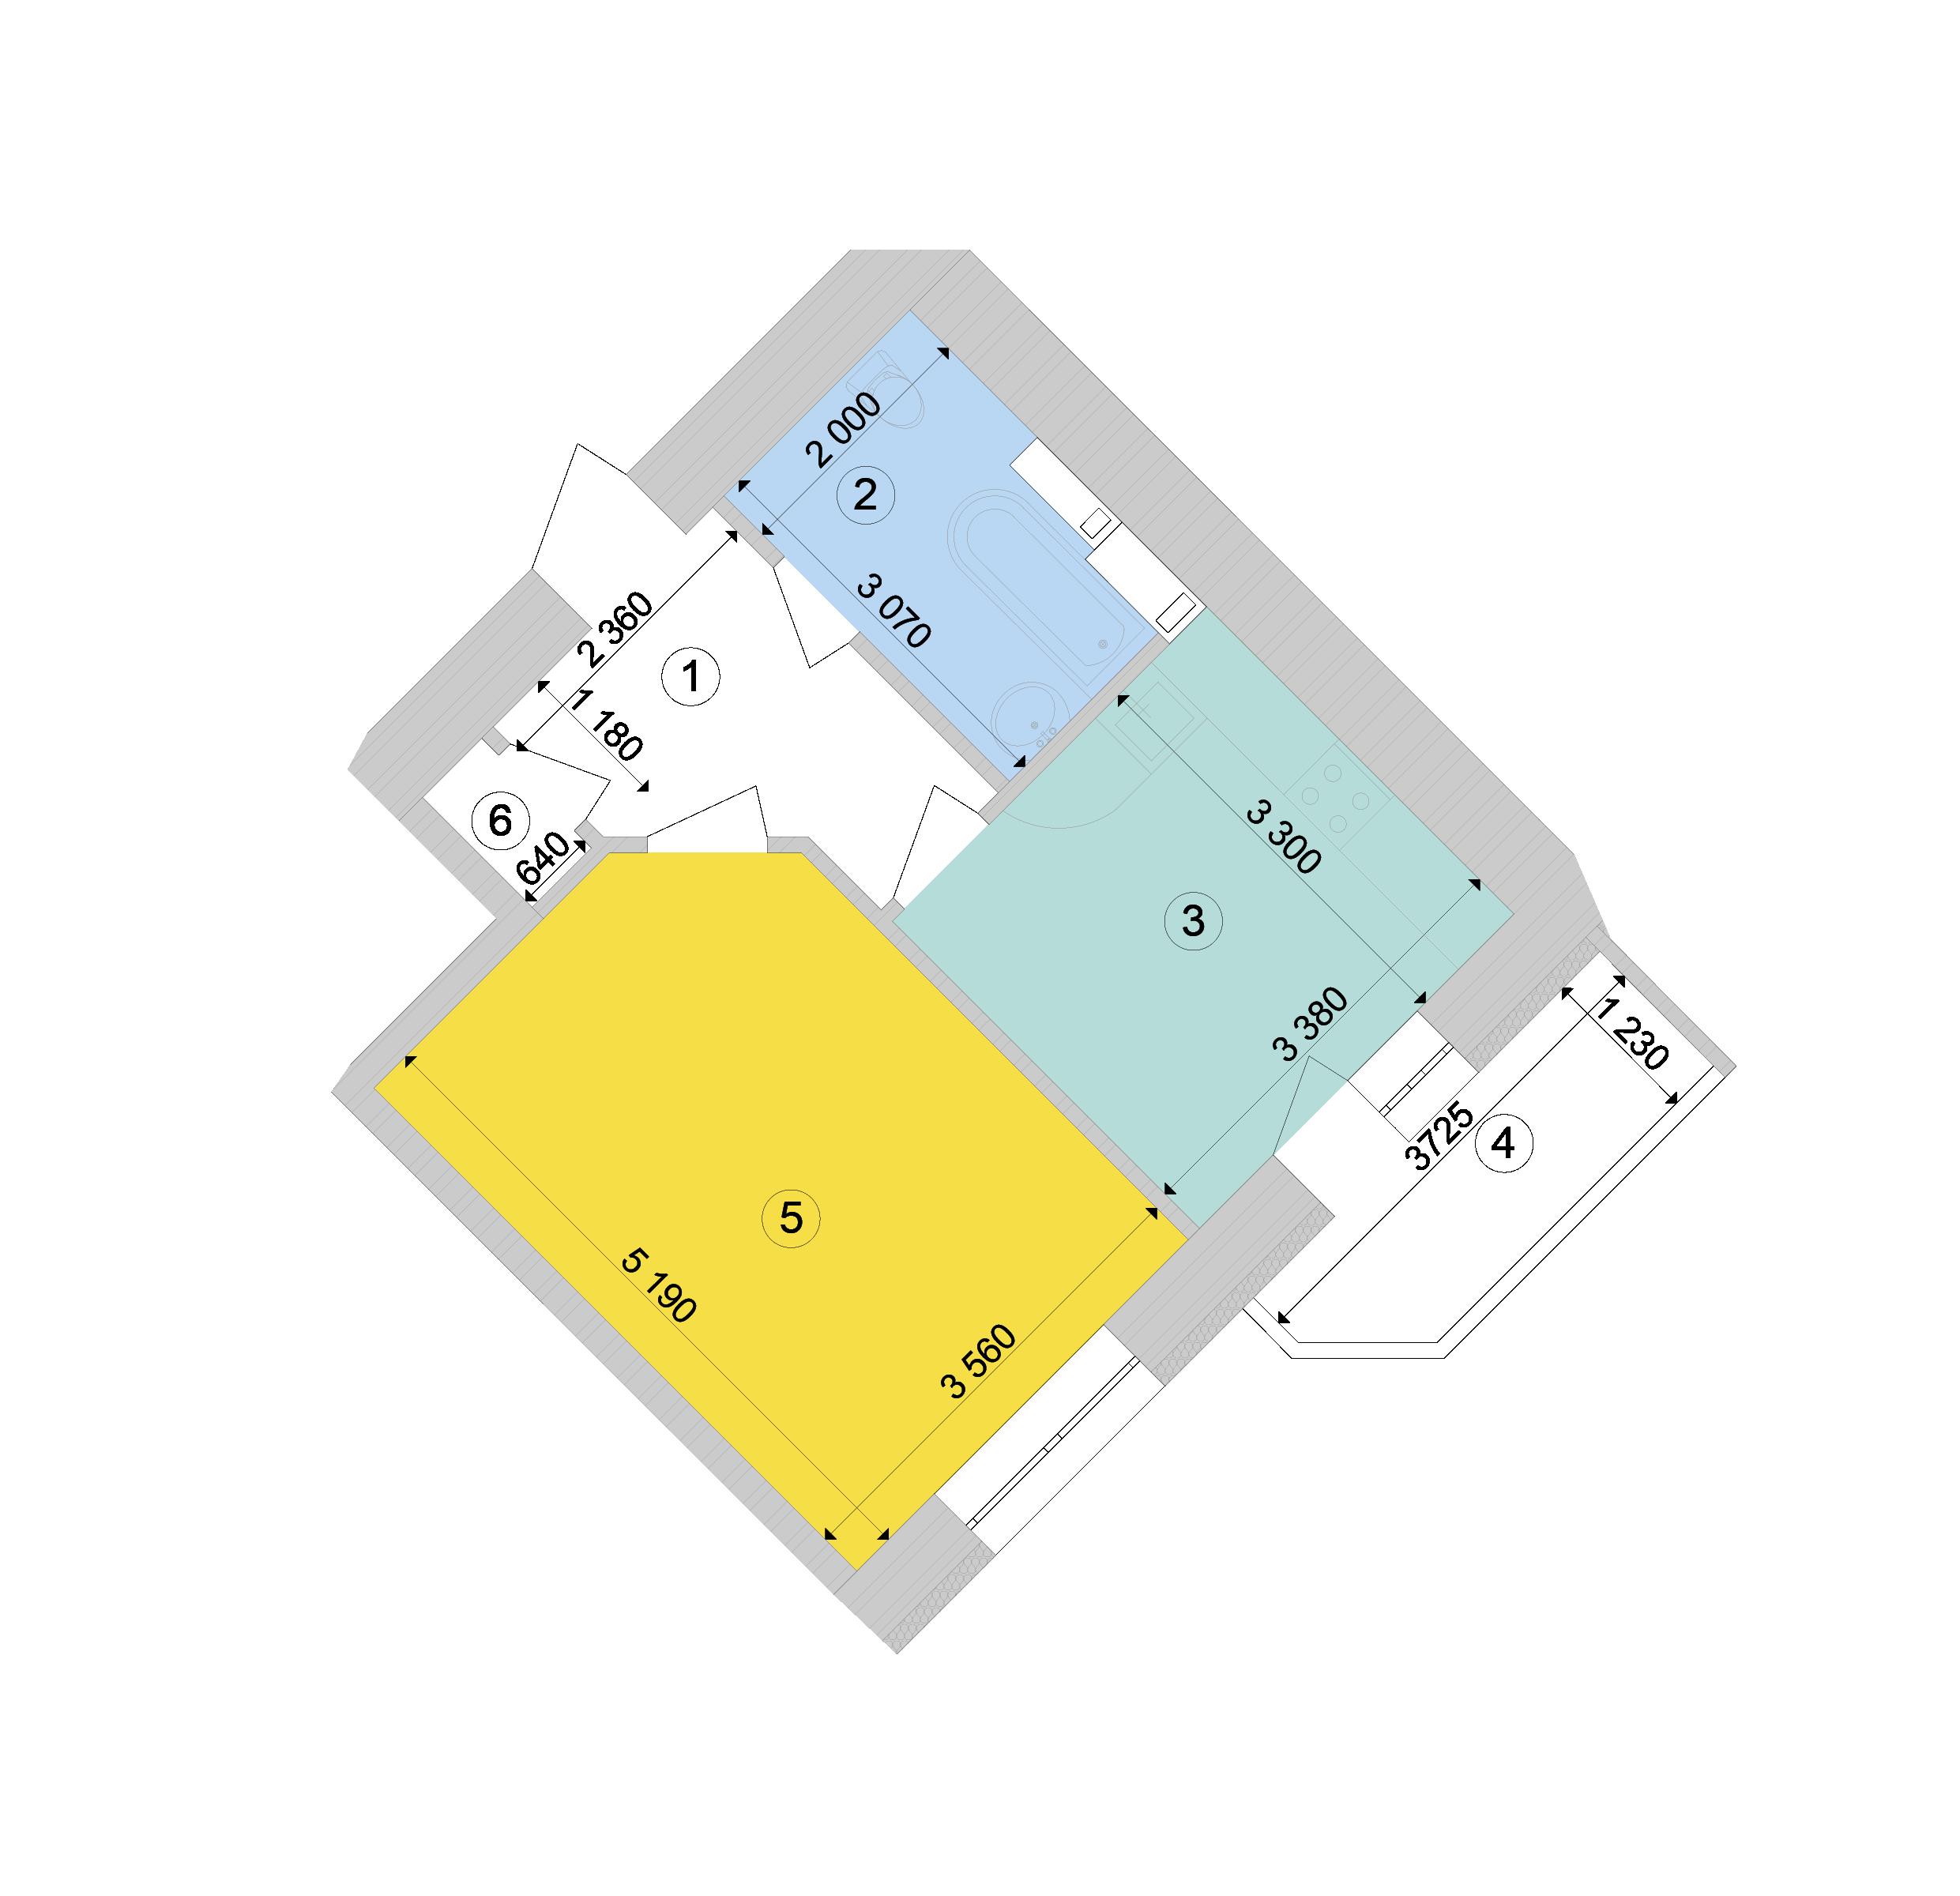 Купити Однокімнатна квартира 41,64 кв.м., тип 1.3, будинок 1, секція 9 в Києві Голосіївський район